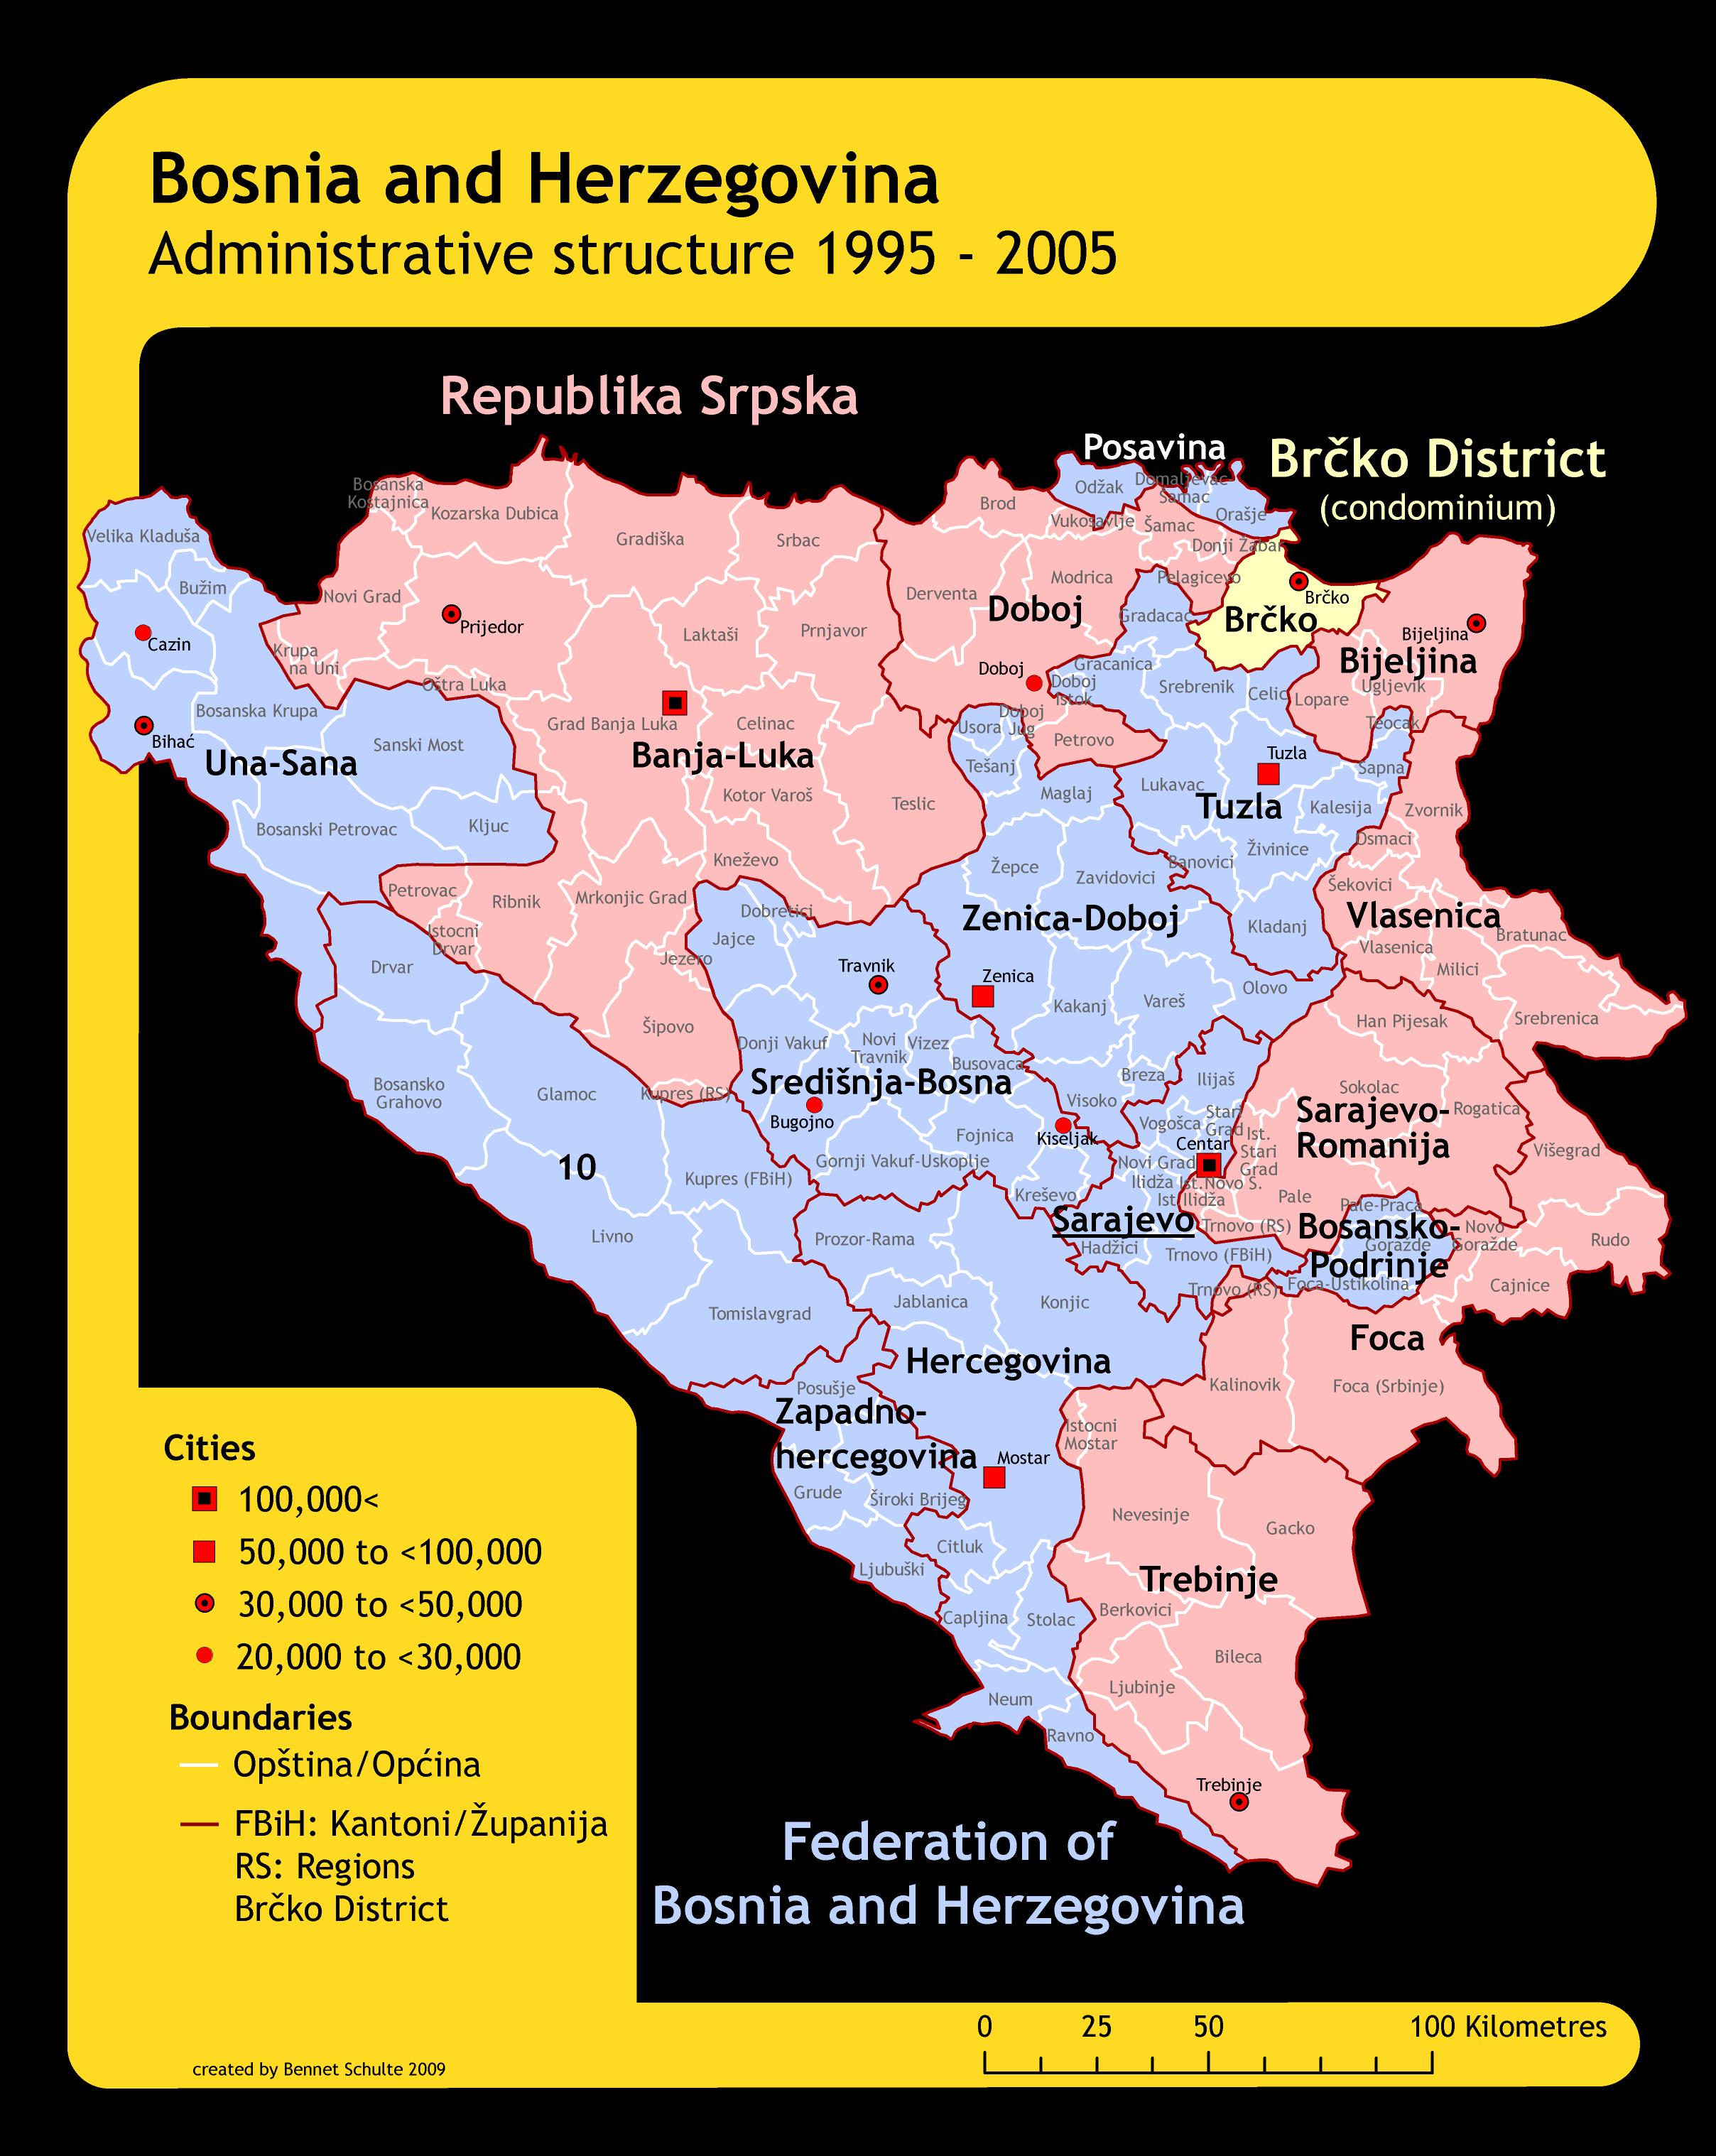 Mapa podziału administracyjnego Bośni i Hercegowiny w 2005 roku